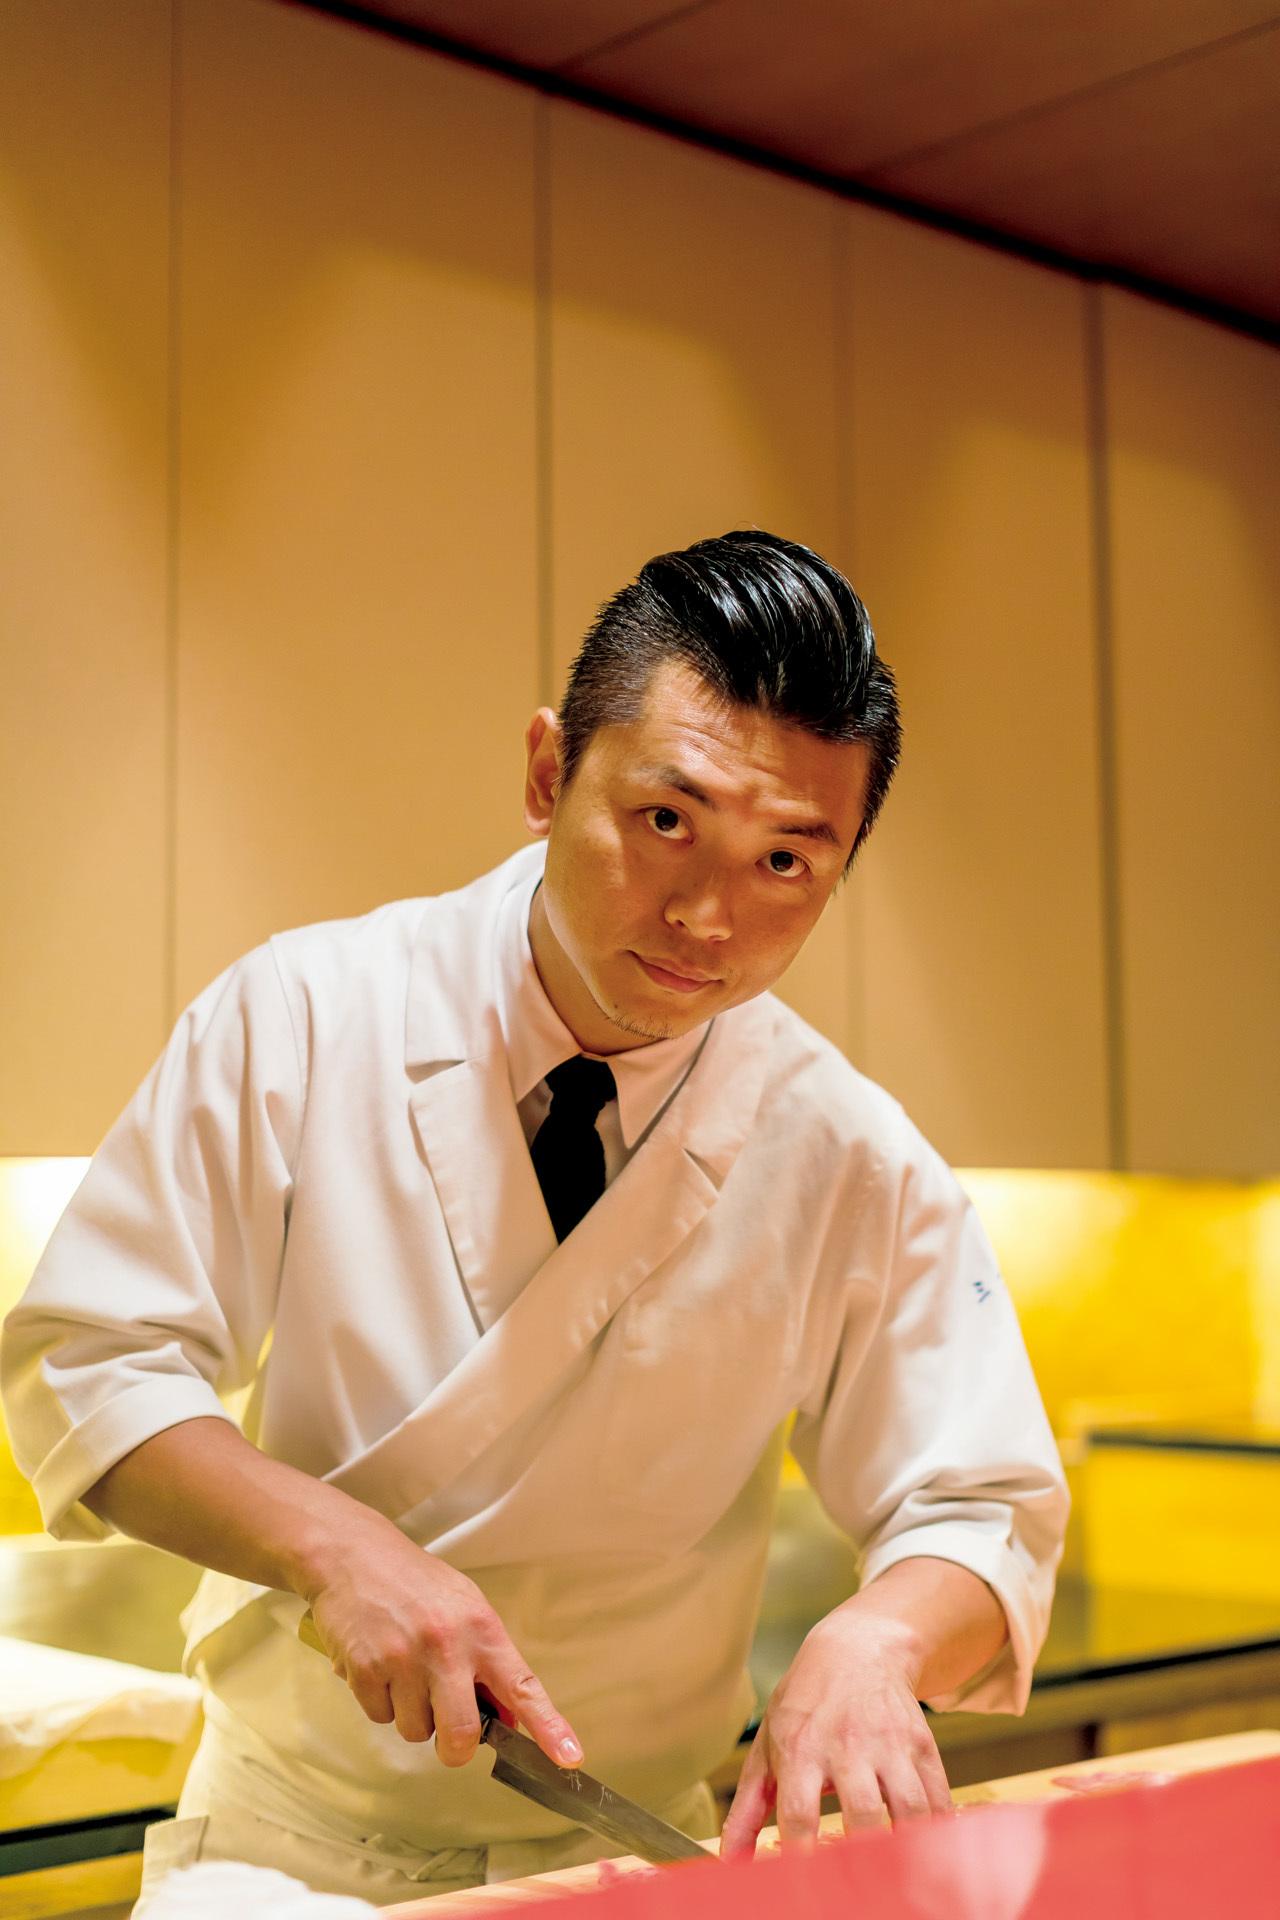 最高鮮度の肉を駆使した創作料理を和の風情とともに にくの匠 三芳_1_3-2